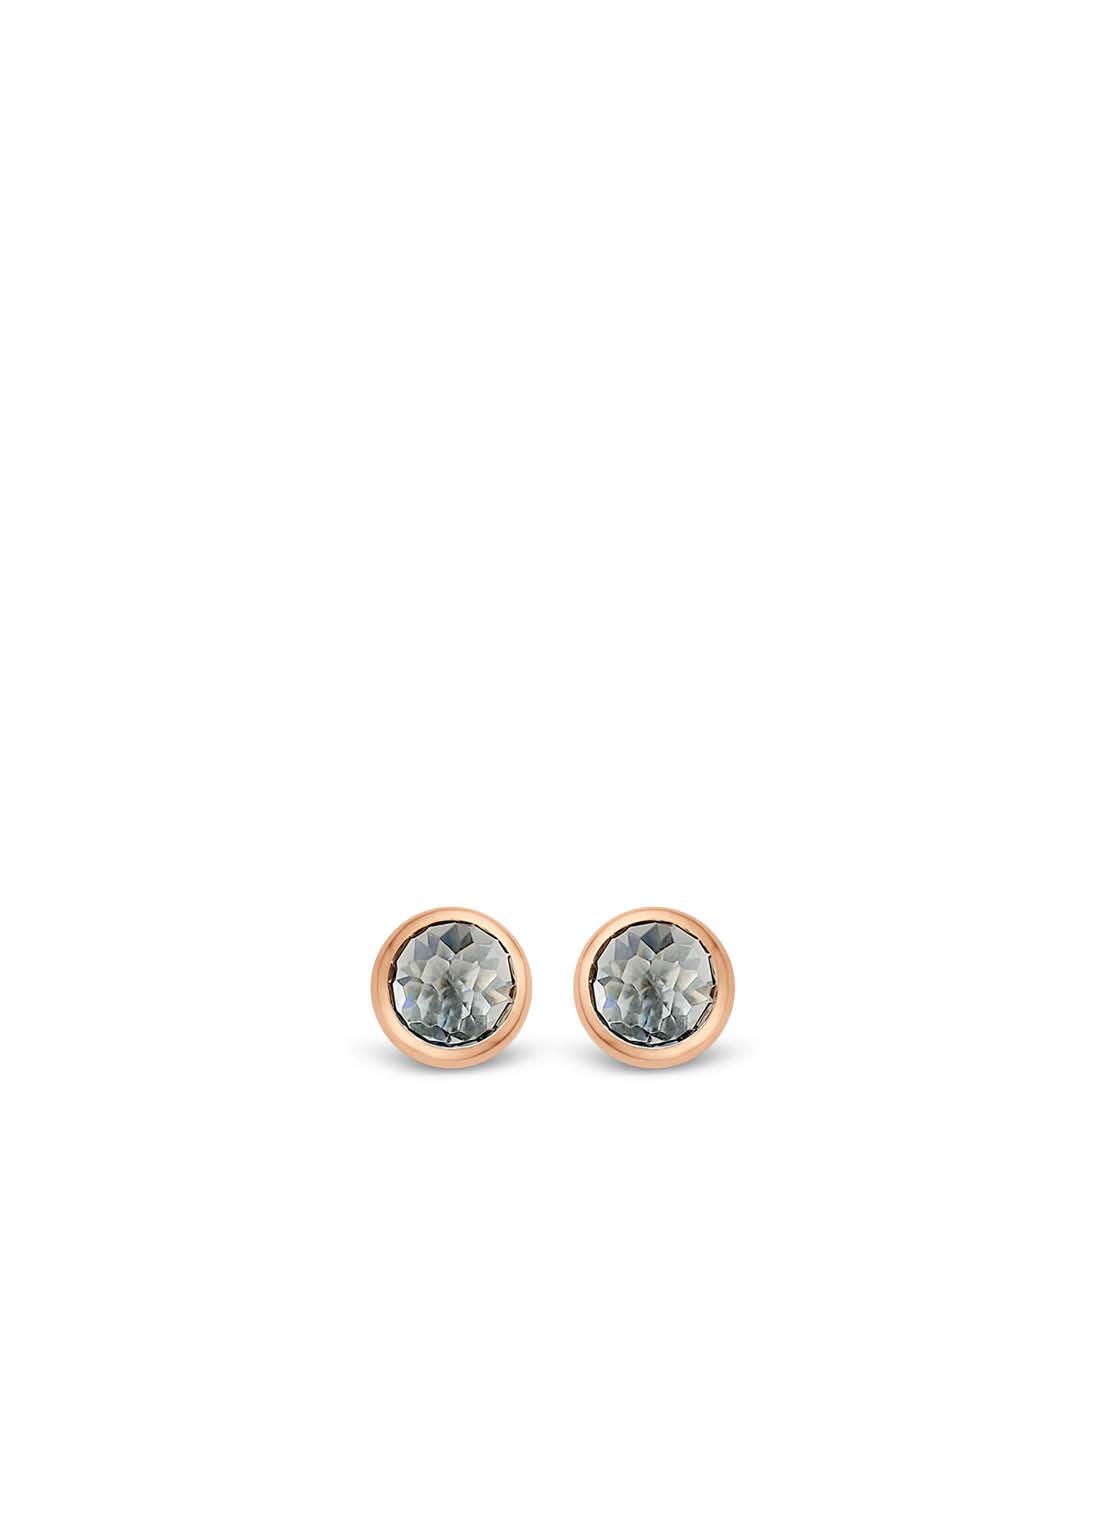 TI SENTO - Milano Earrings 7748GB-3